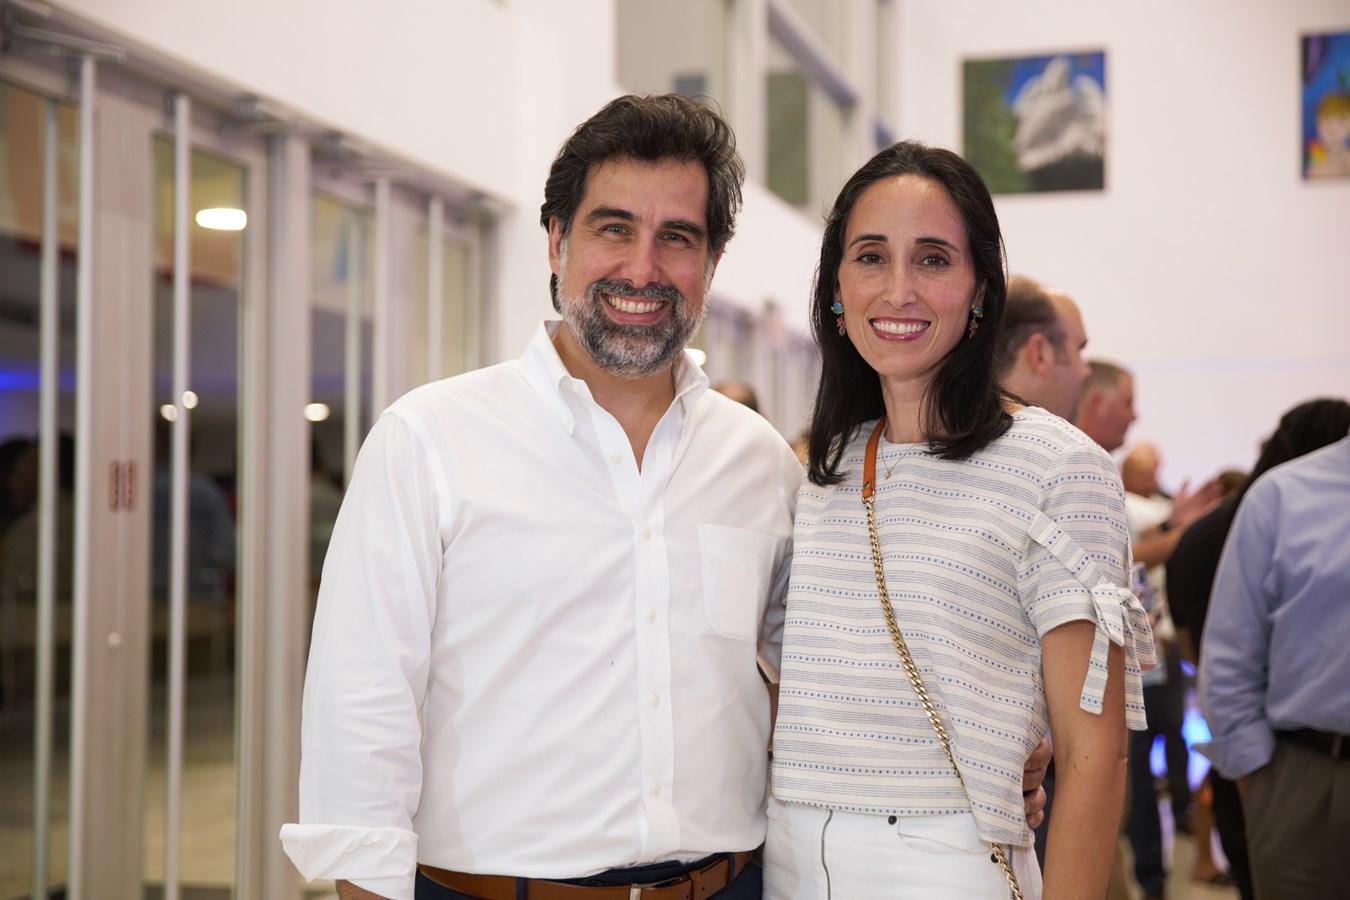 Manuel Cabral, Susana Martínez - 2